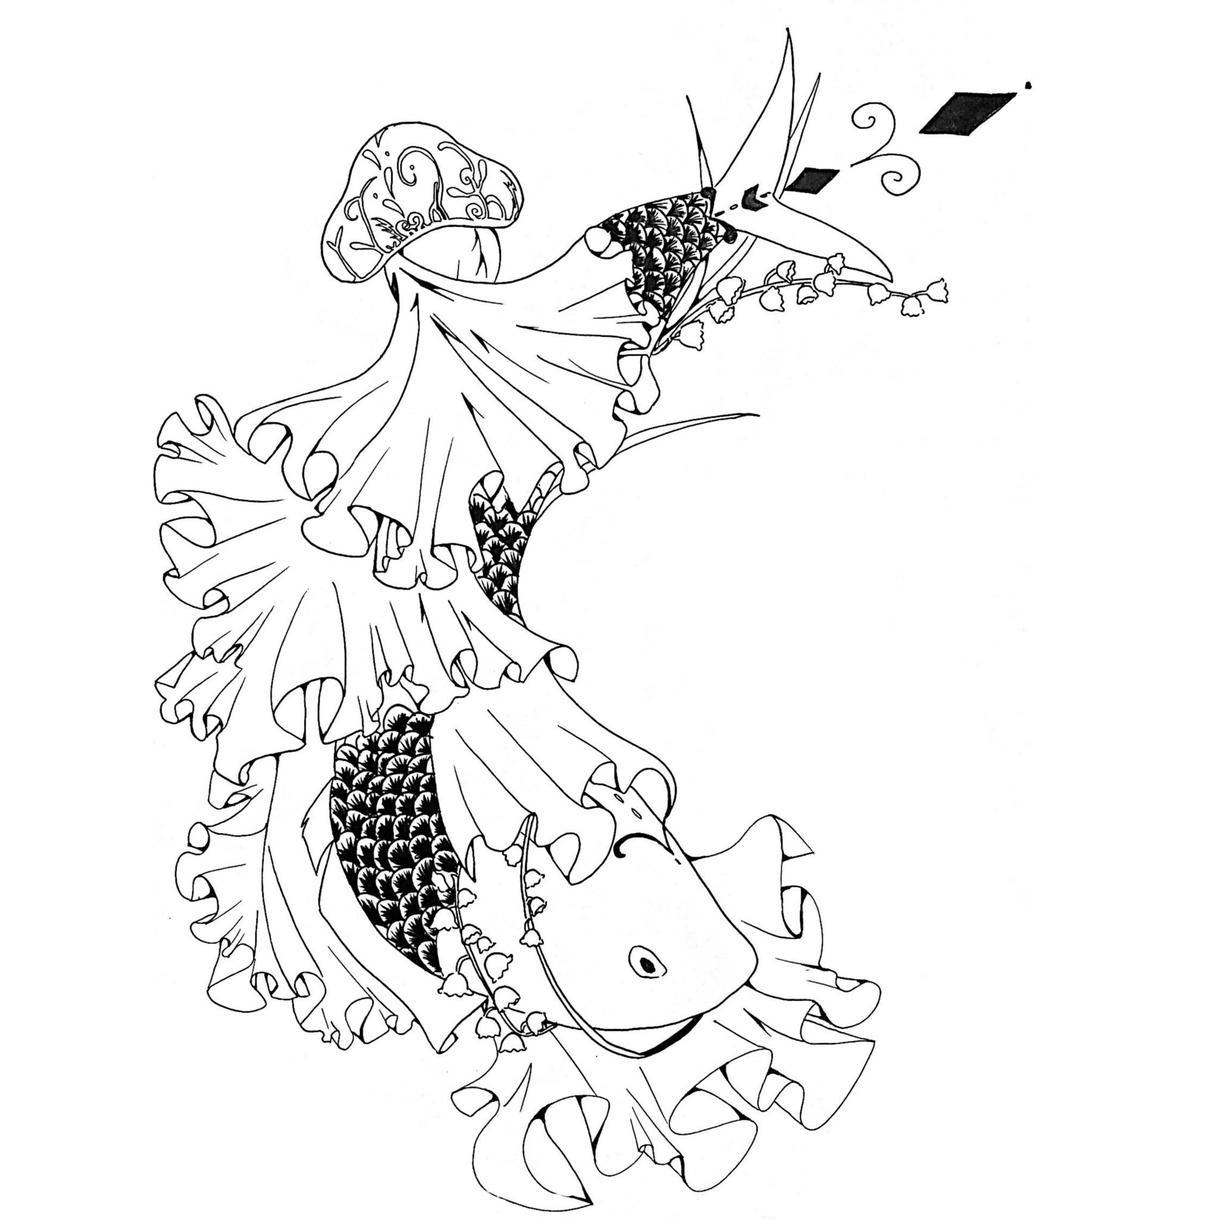 タトゥーデザイン!あなたの理想を、形にします 一生愛せる、あなたらしいデザインを。 イメージ1